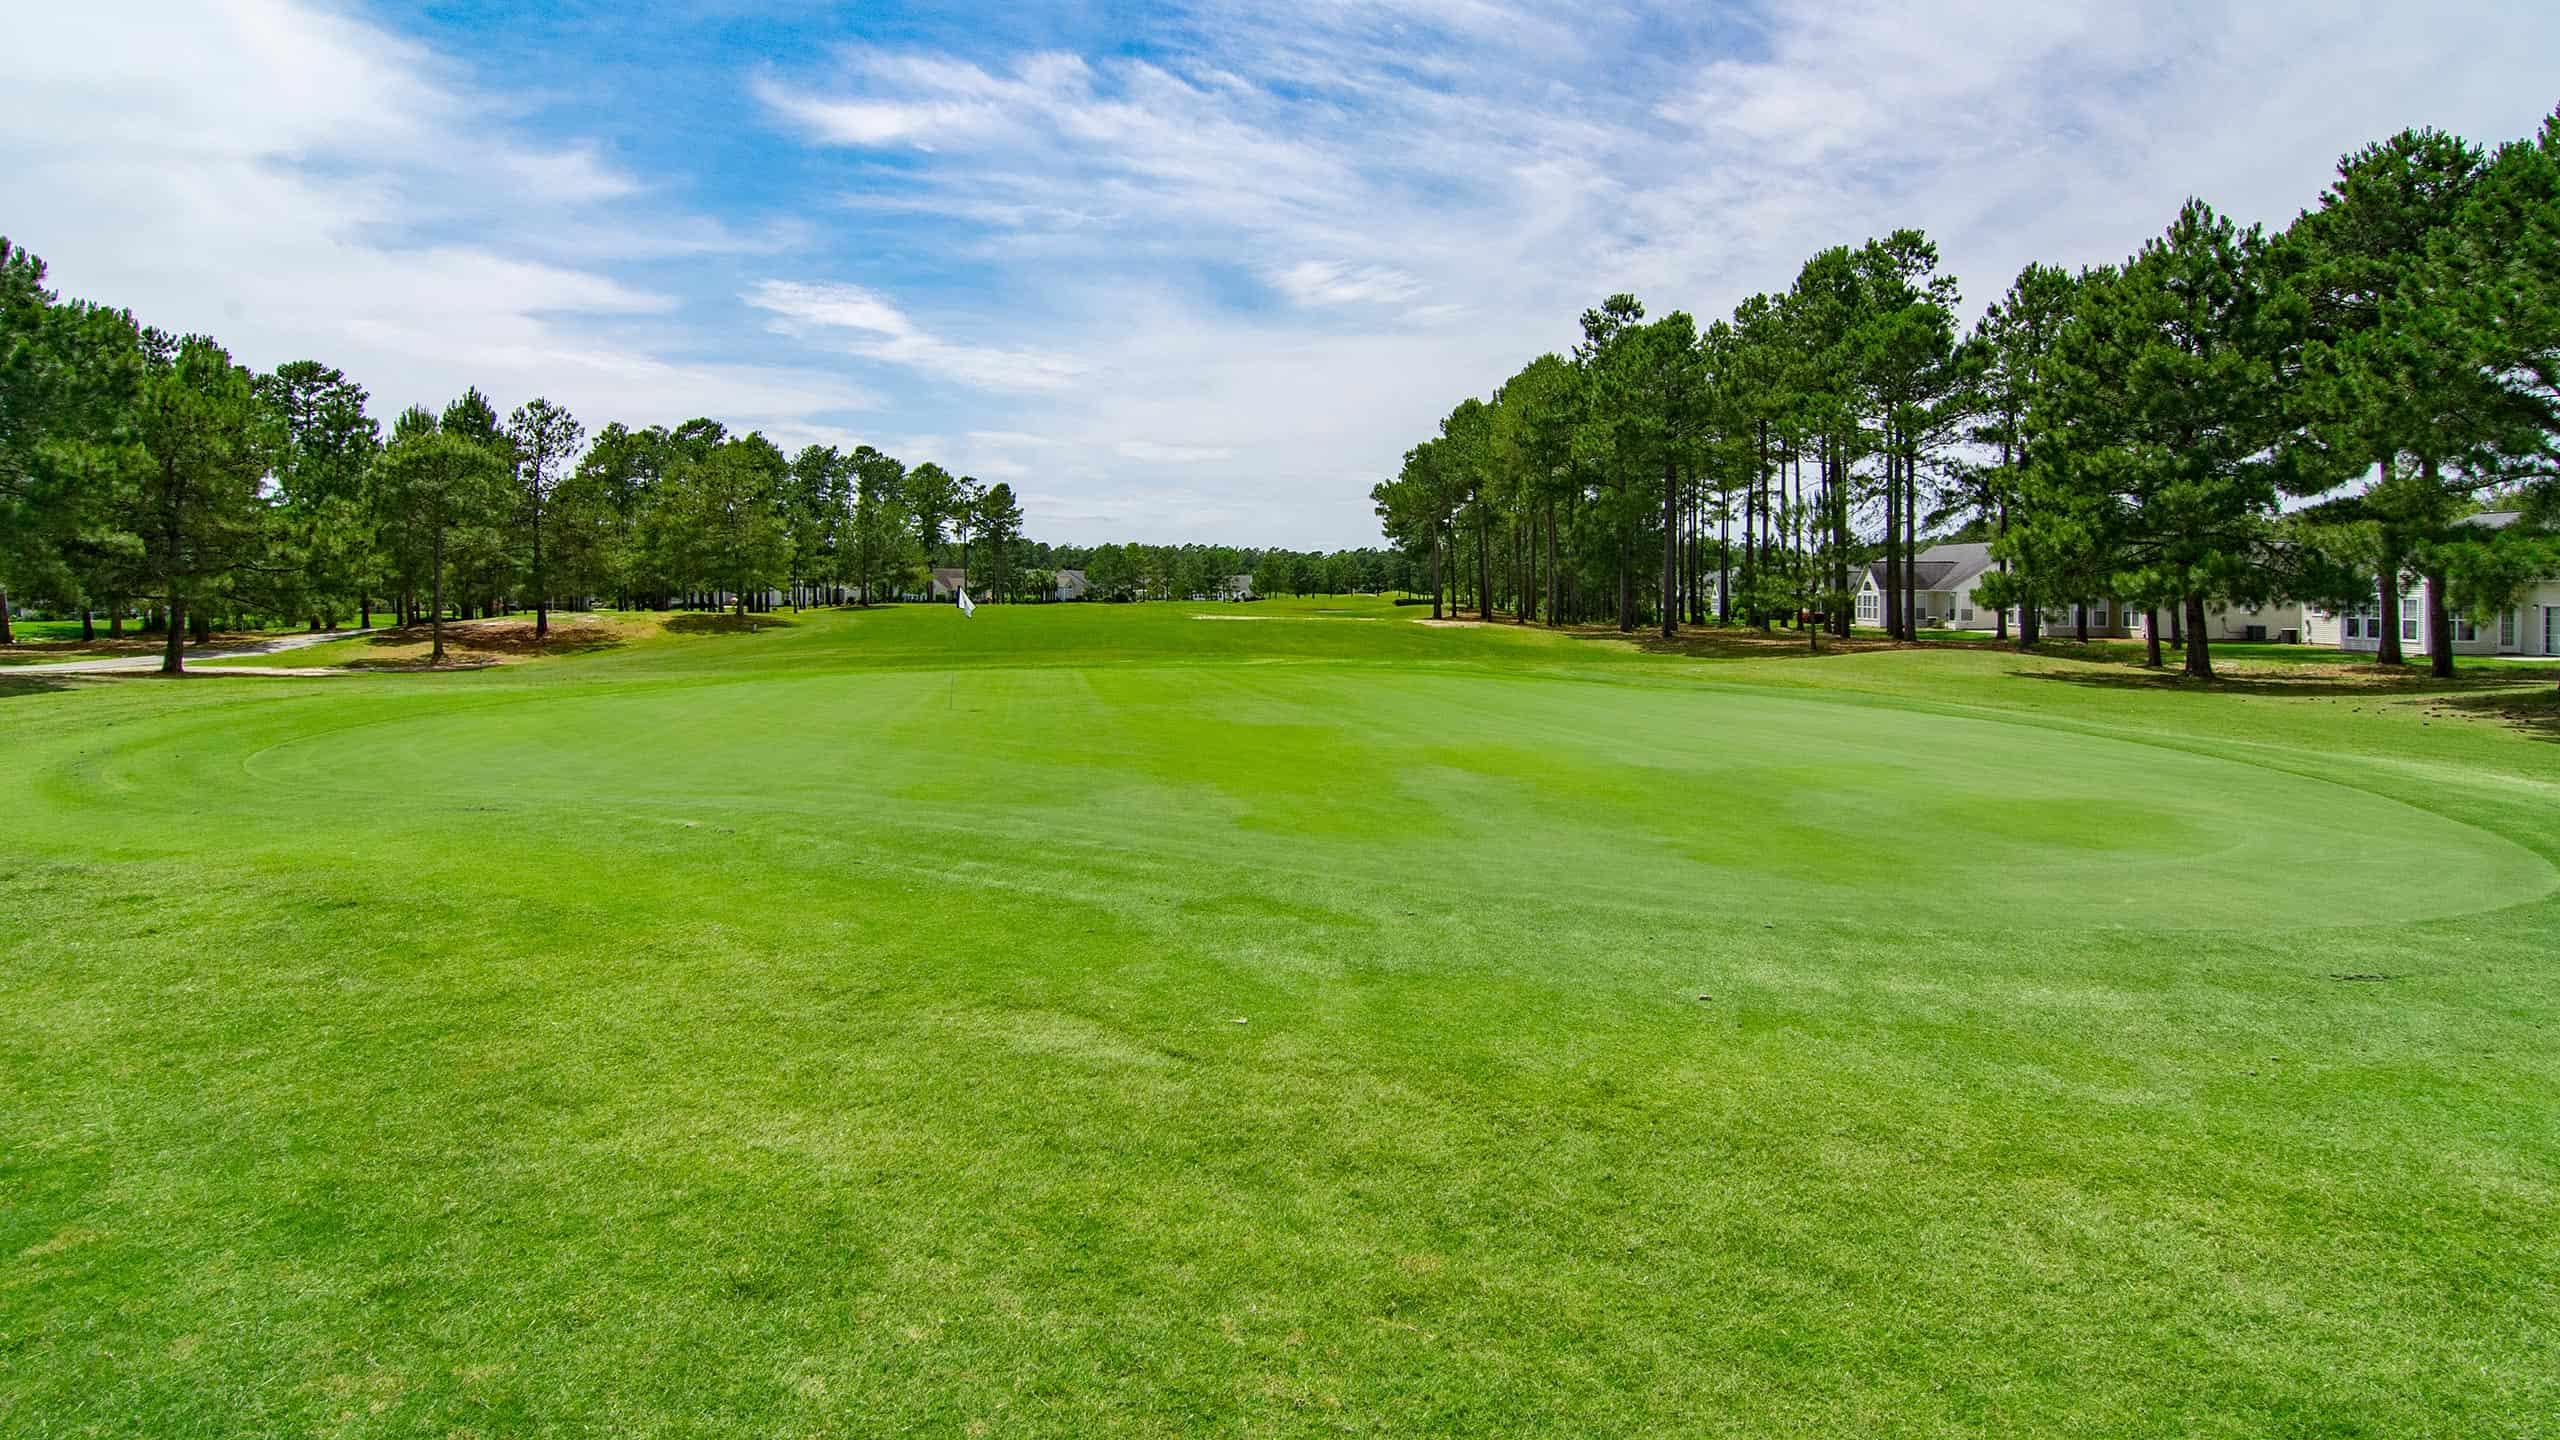 sandpiper-bay-golf-course